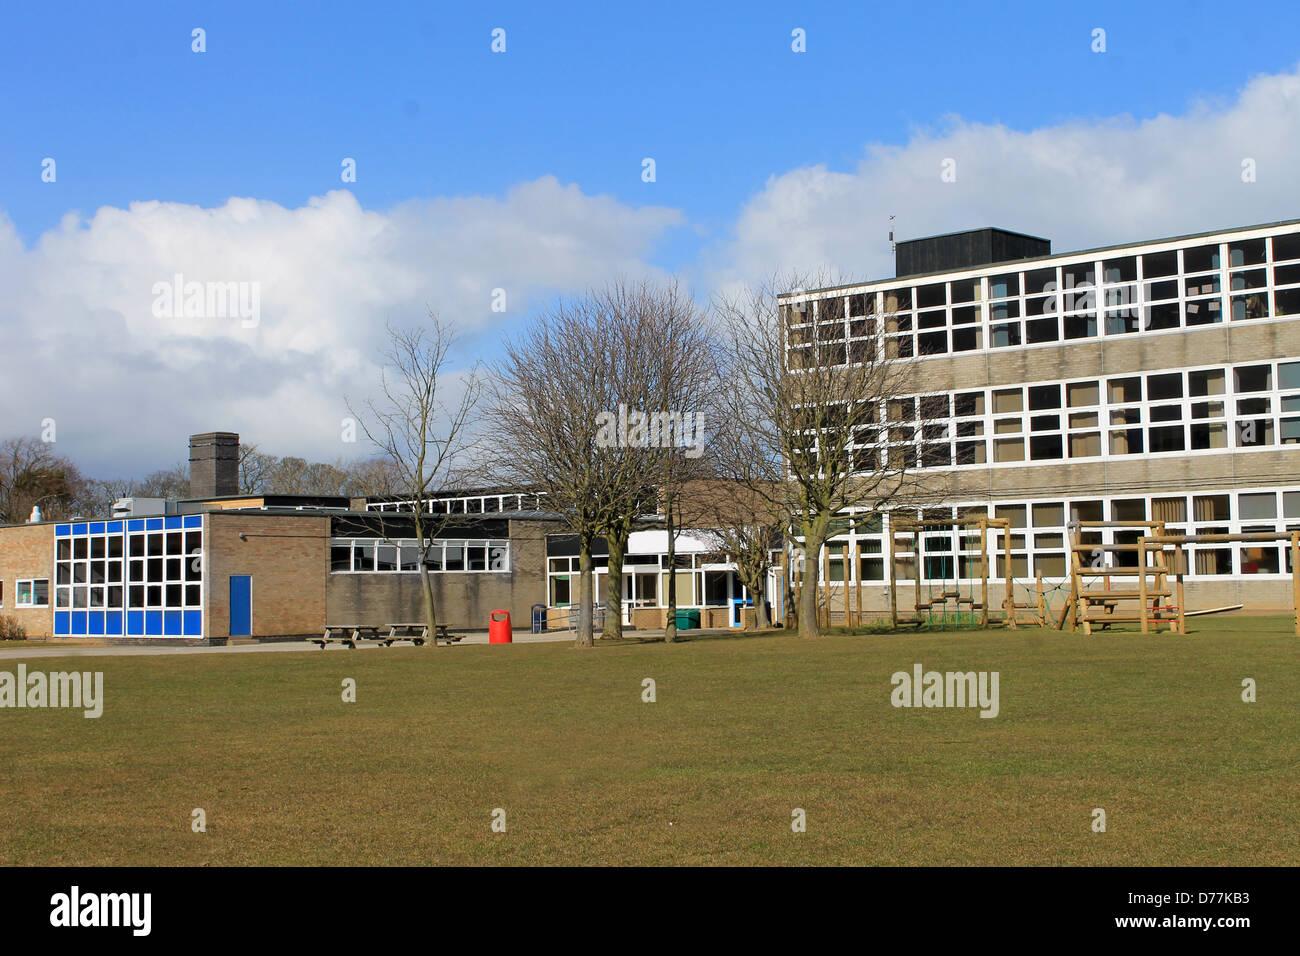 El exterior del edificio de la escuela moderna con terreno de juego en primer plano. Imagen De Stock